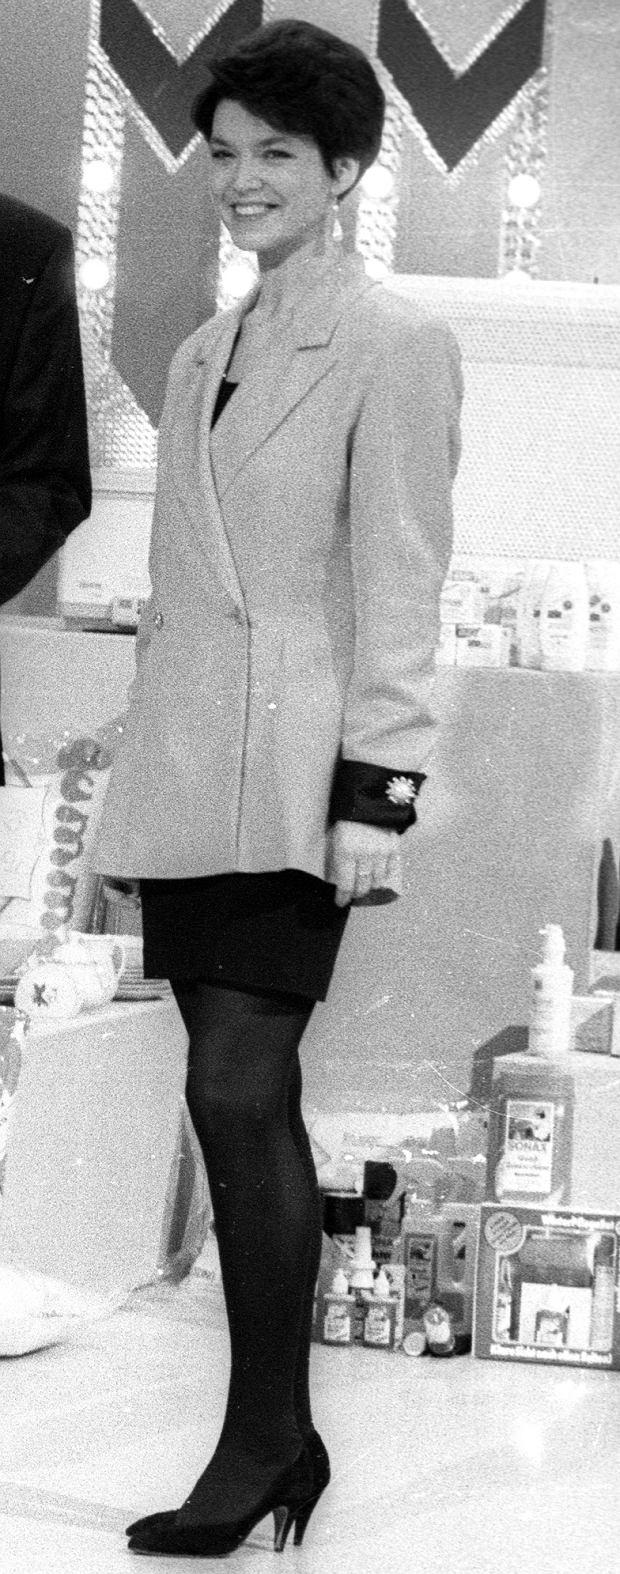 Warszawa, 16.02.1993. Teleturniej